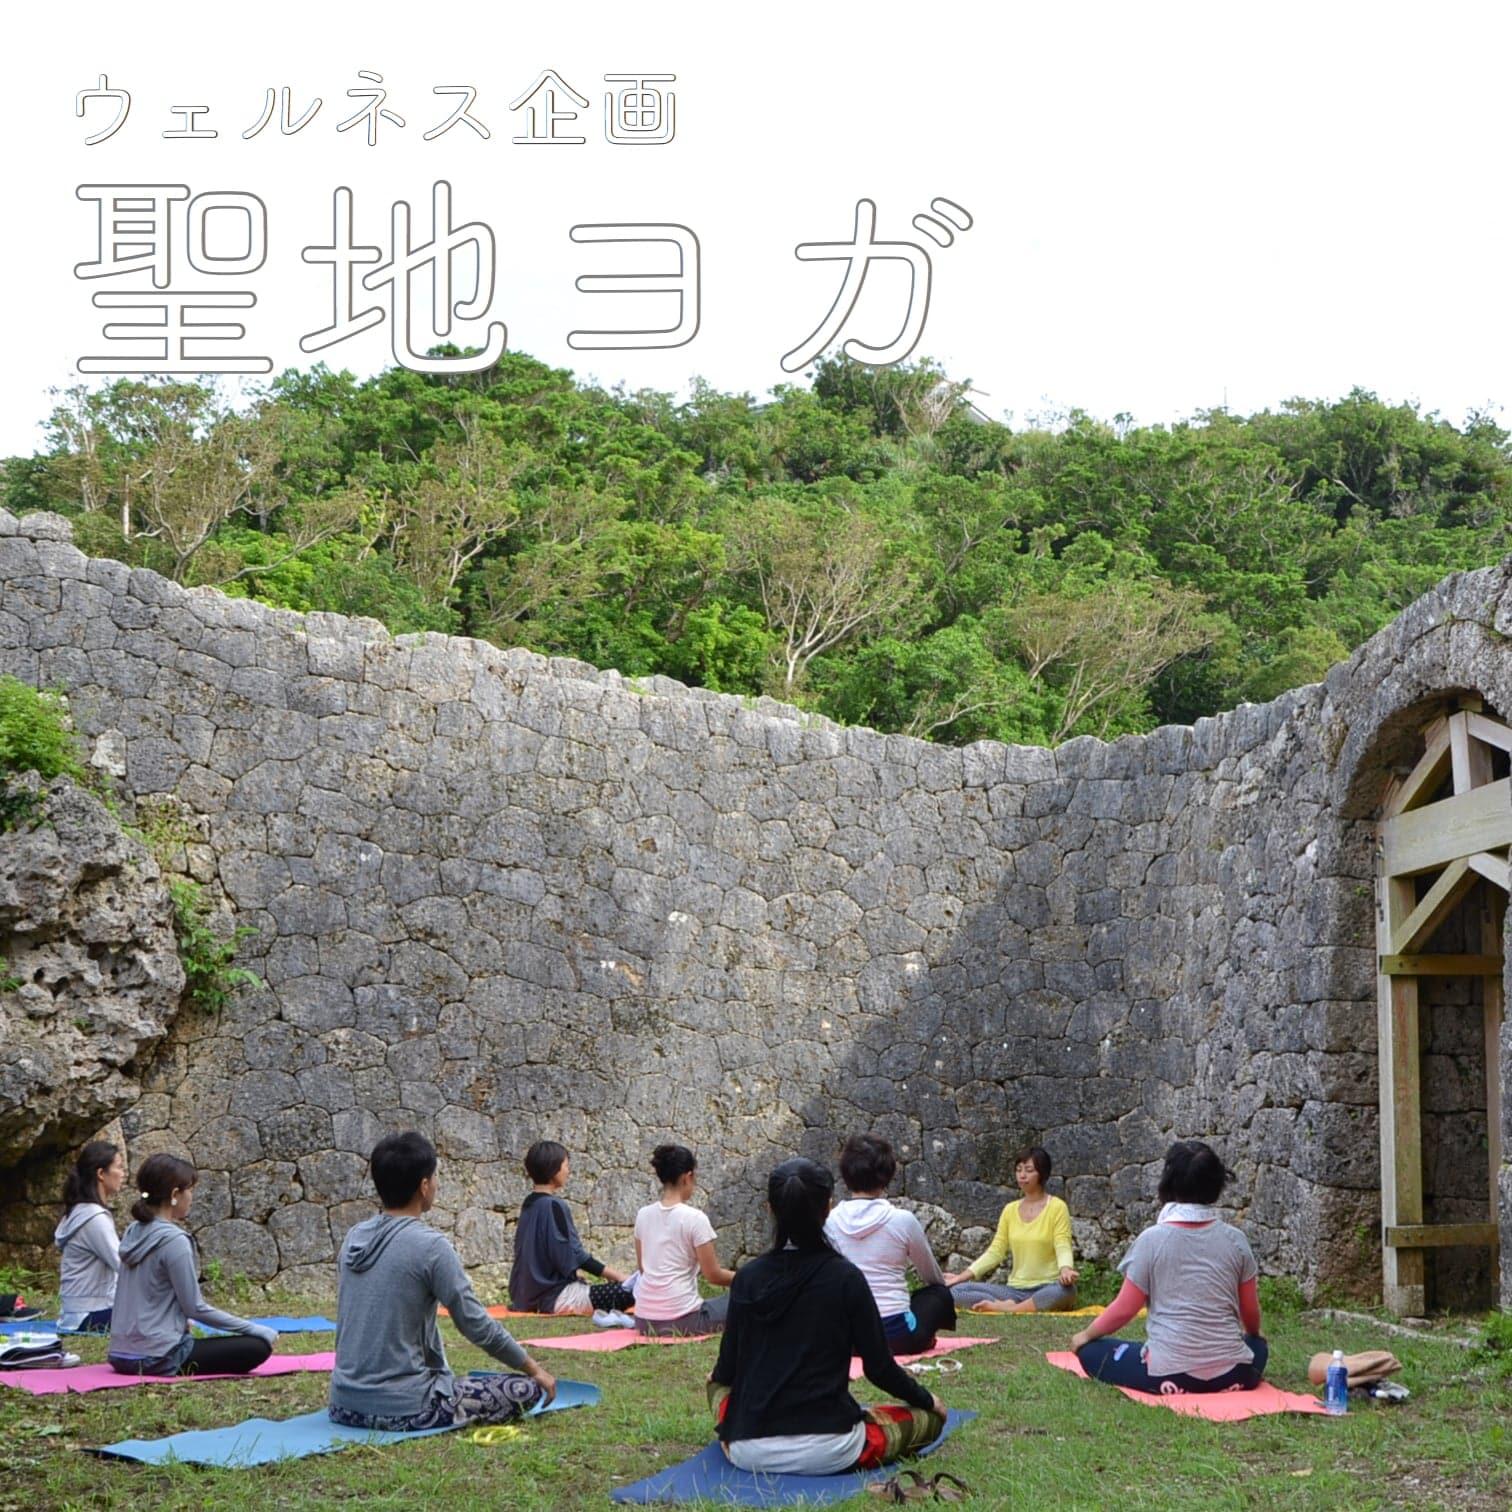 「城ヨガ発祥企画」2018年11月11日(日)沖縄ヨガ 聖地ヨガ 糸数グスク歴史ガイド付ヨガプログラム、南城市ウェルネスプログラムのイメージその1